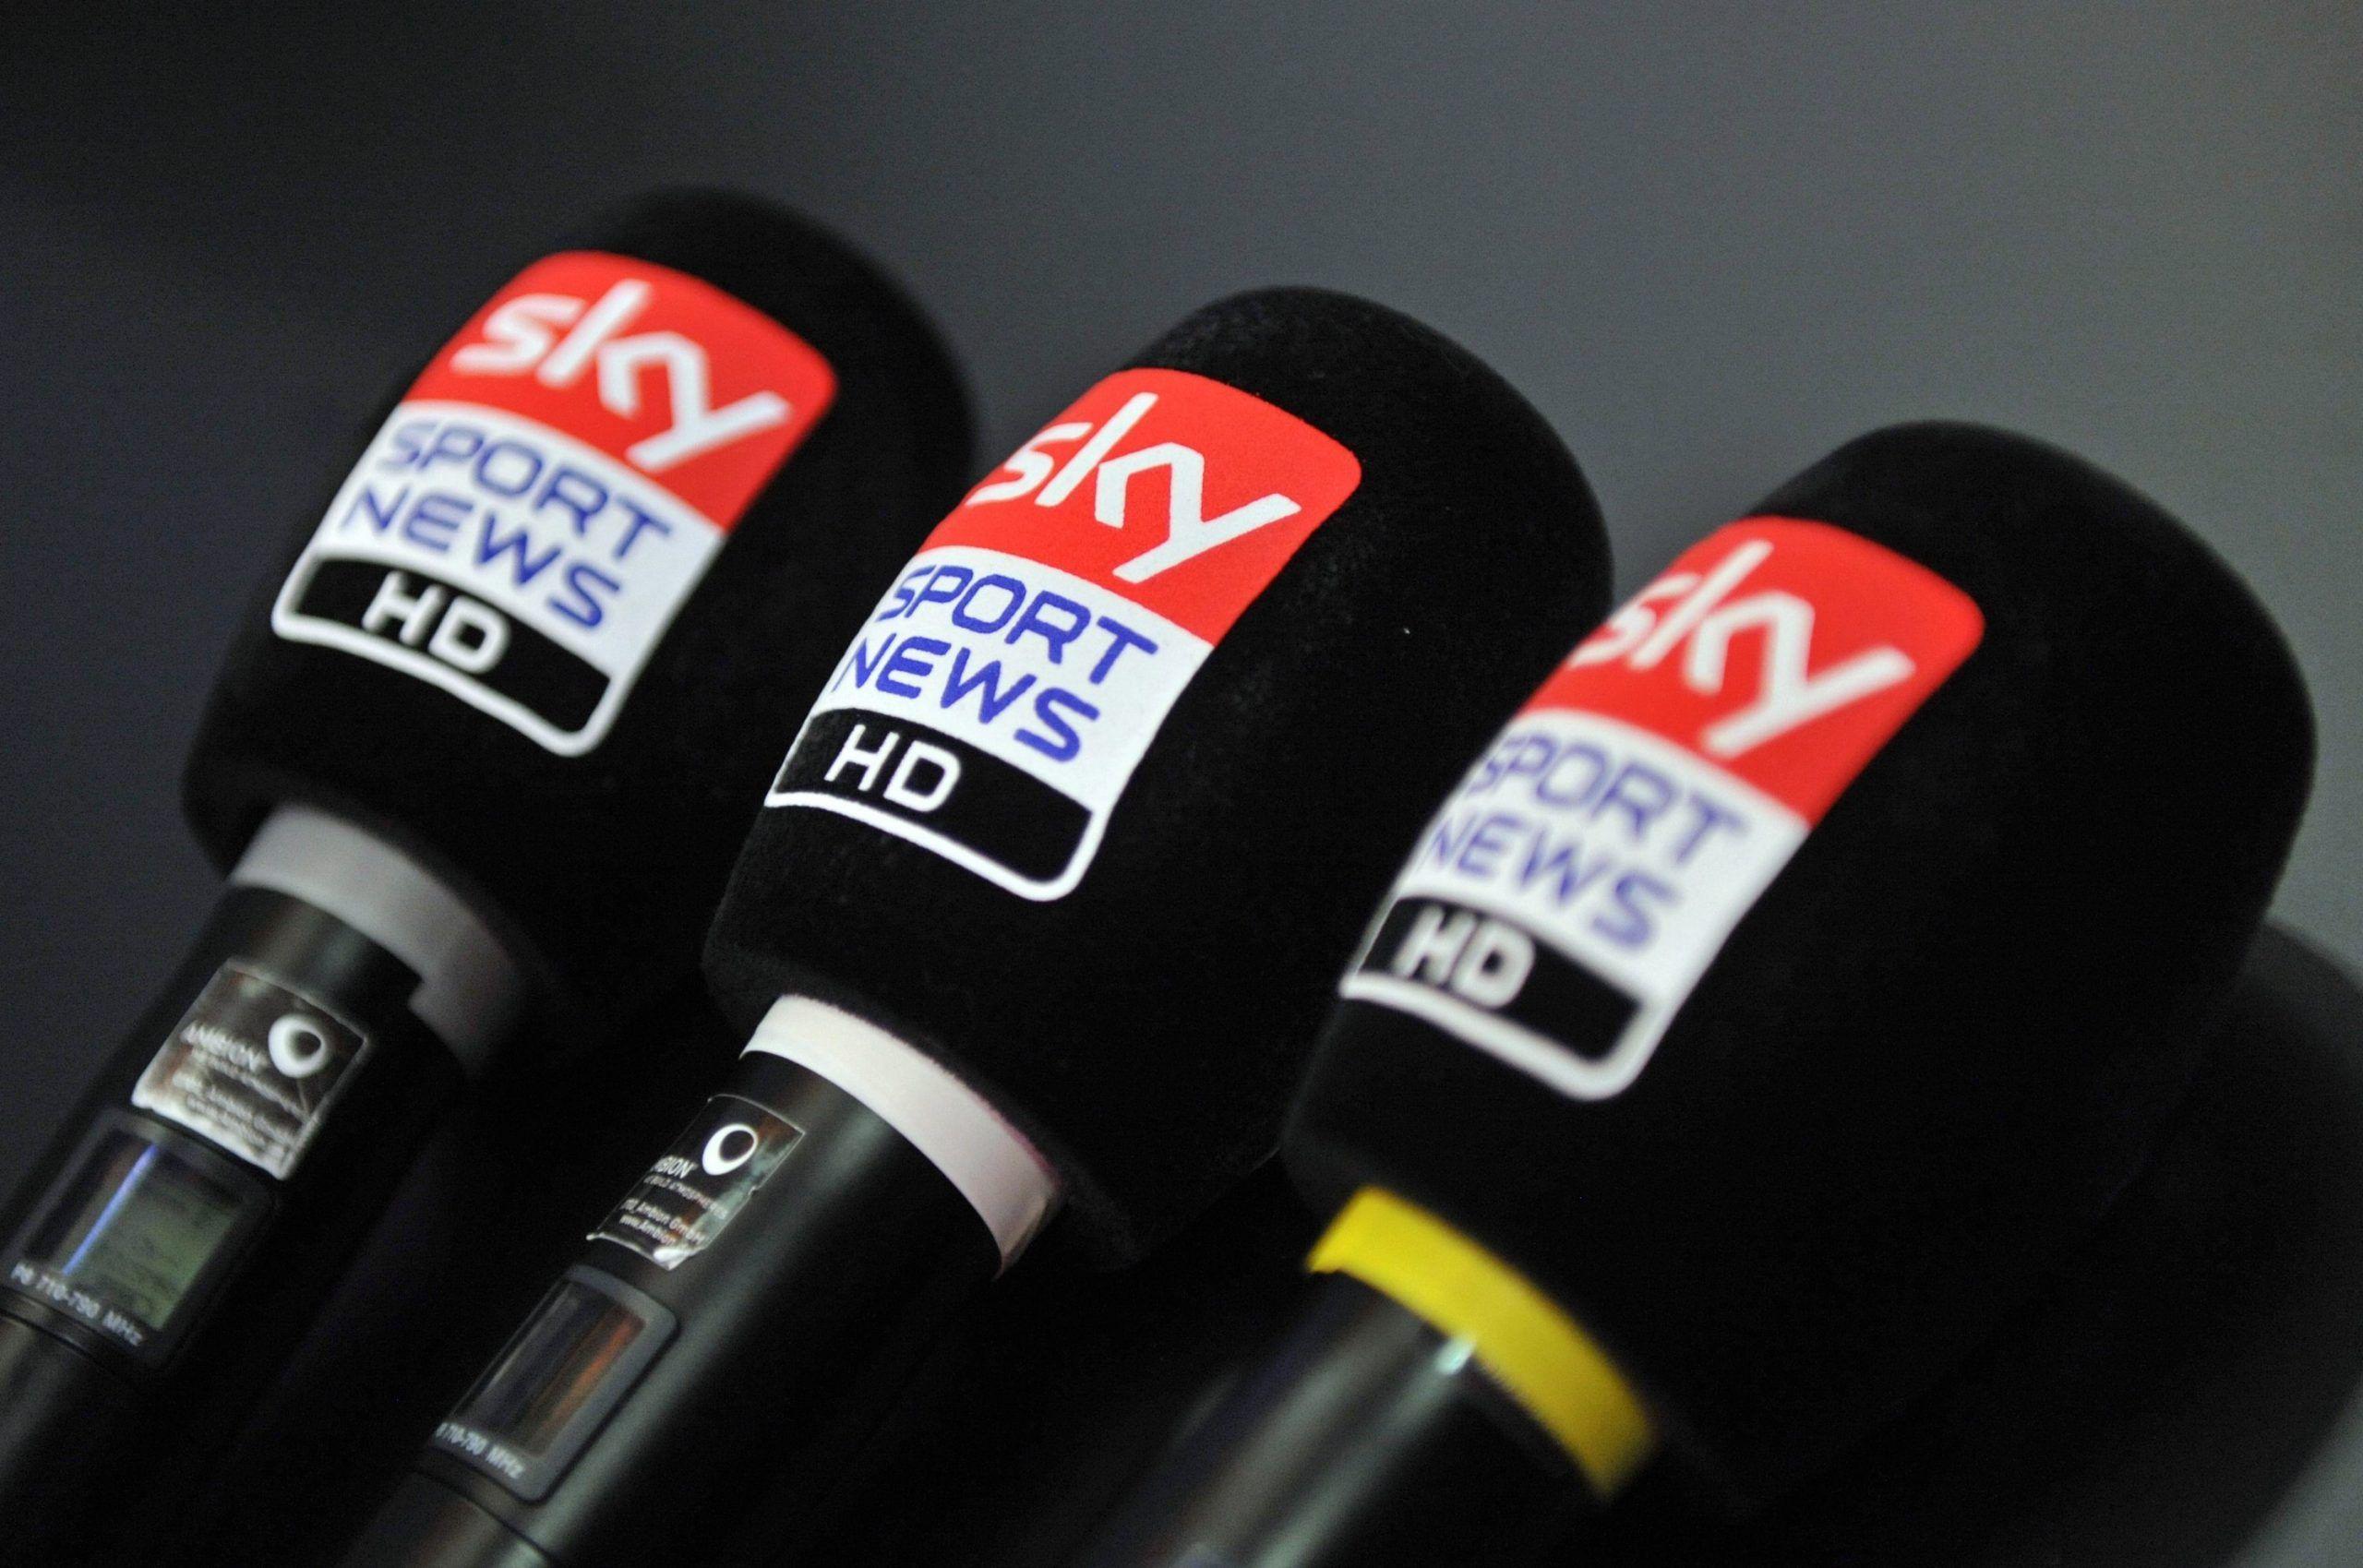 Giornalista Sky perde la moglie: «Mio figlio, per Natale, ha chiesto solo che la mamma ritorni»